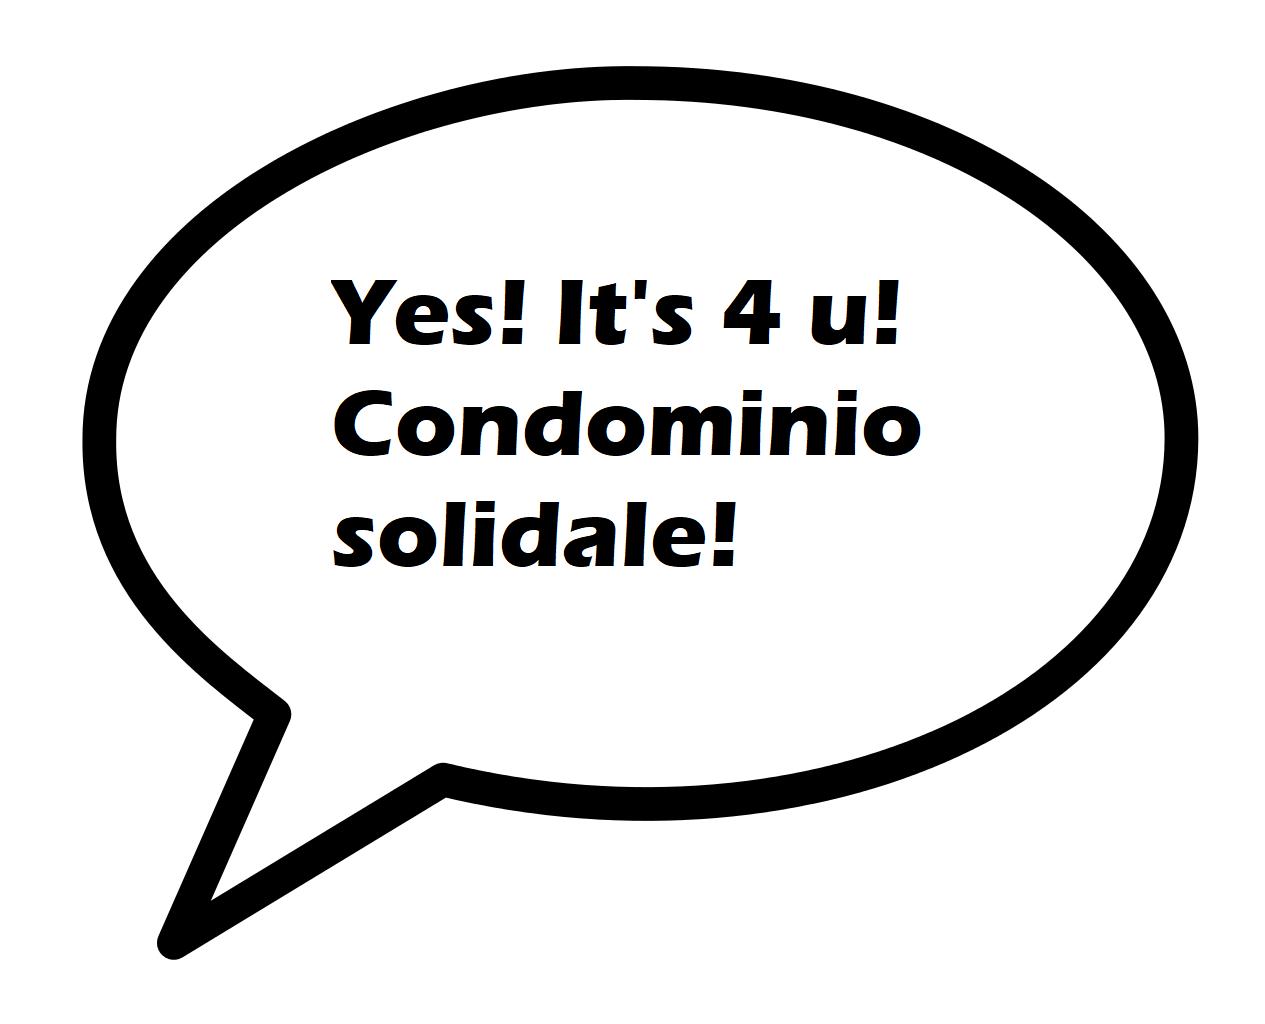 Condominio solidale Young Caritas Lodi